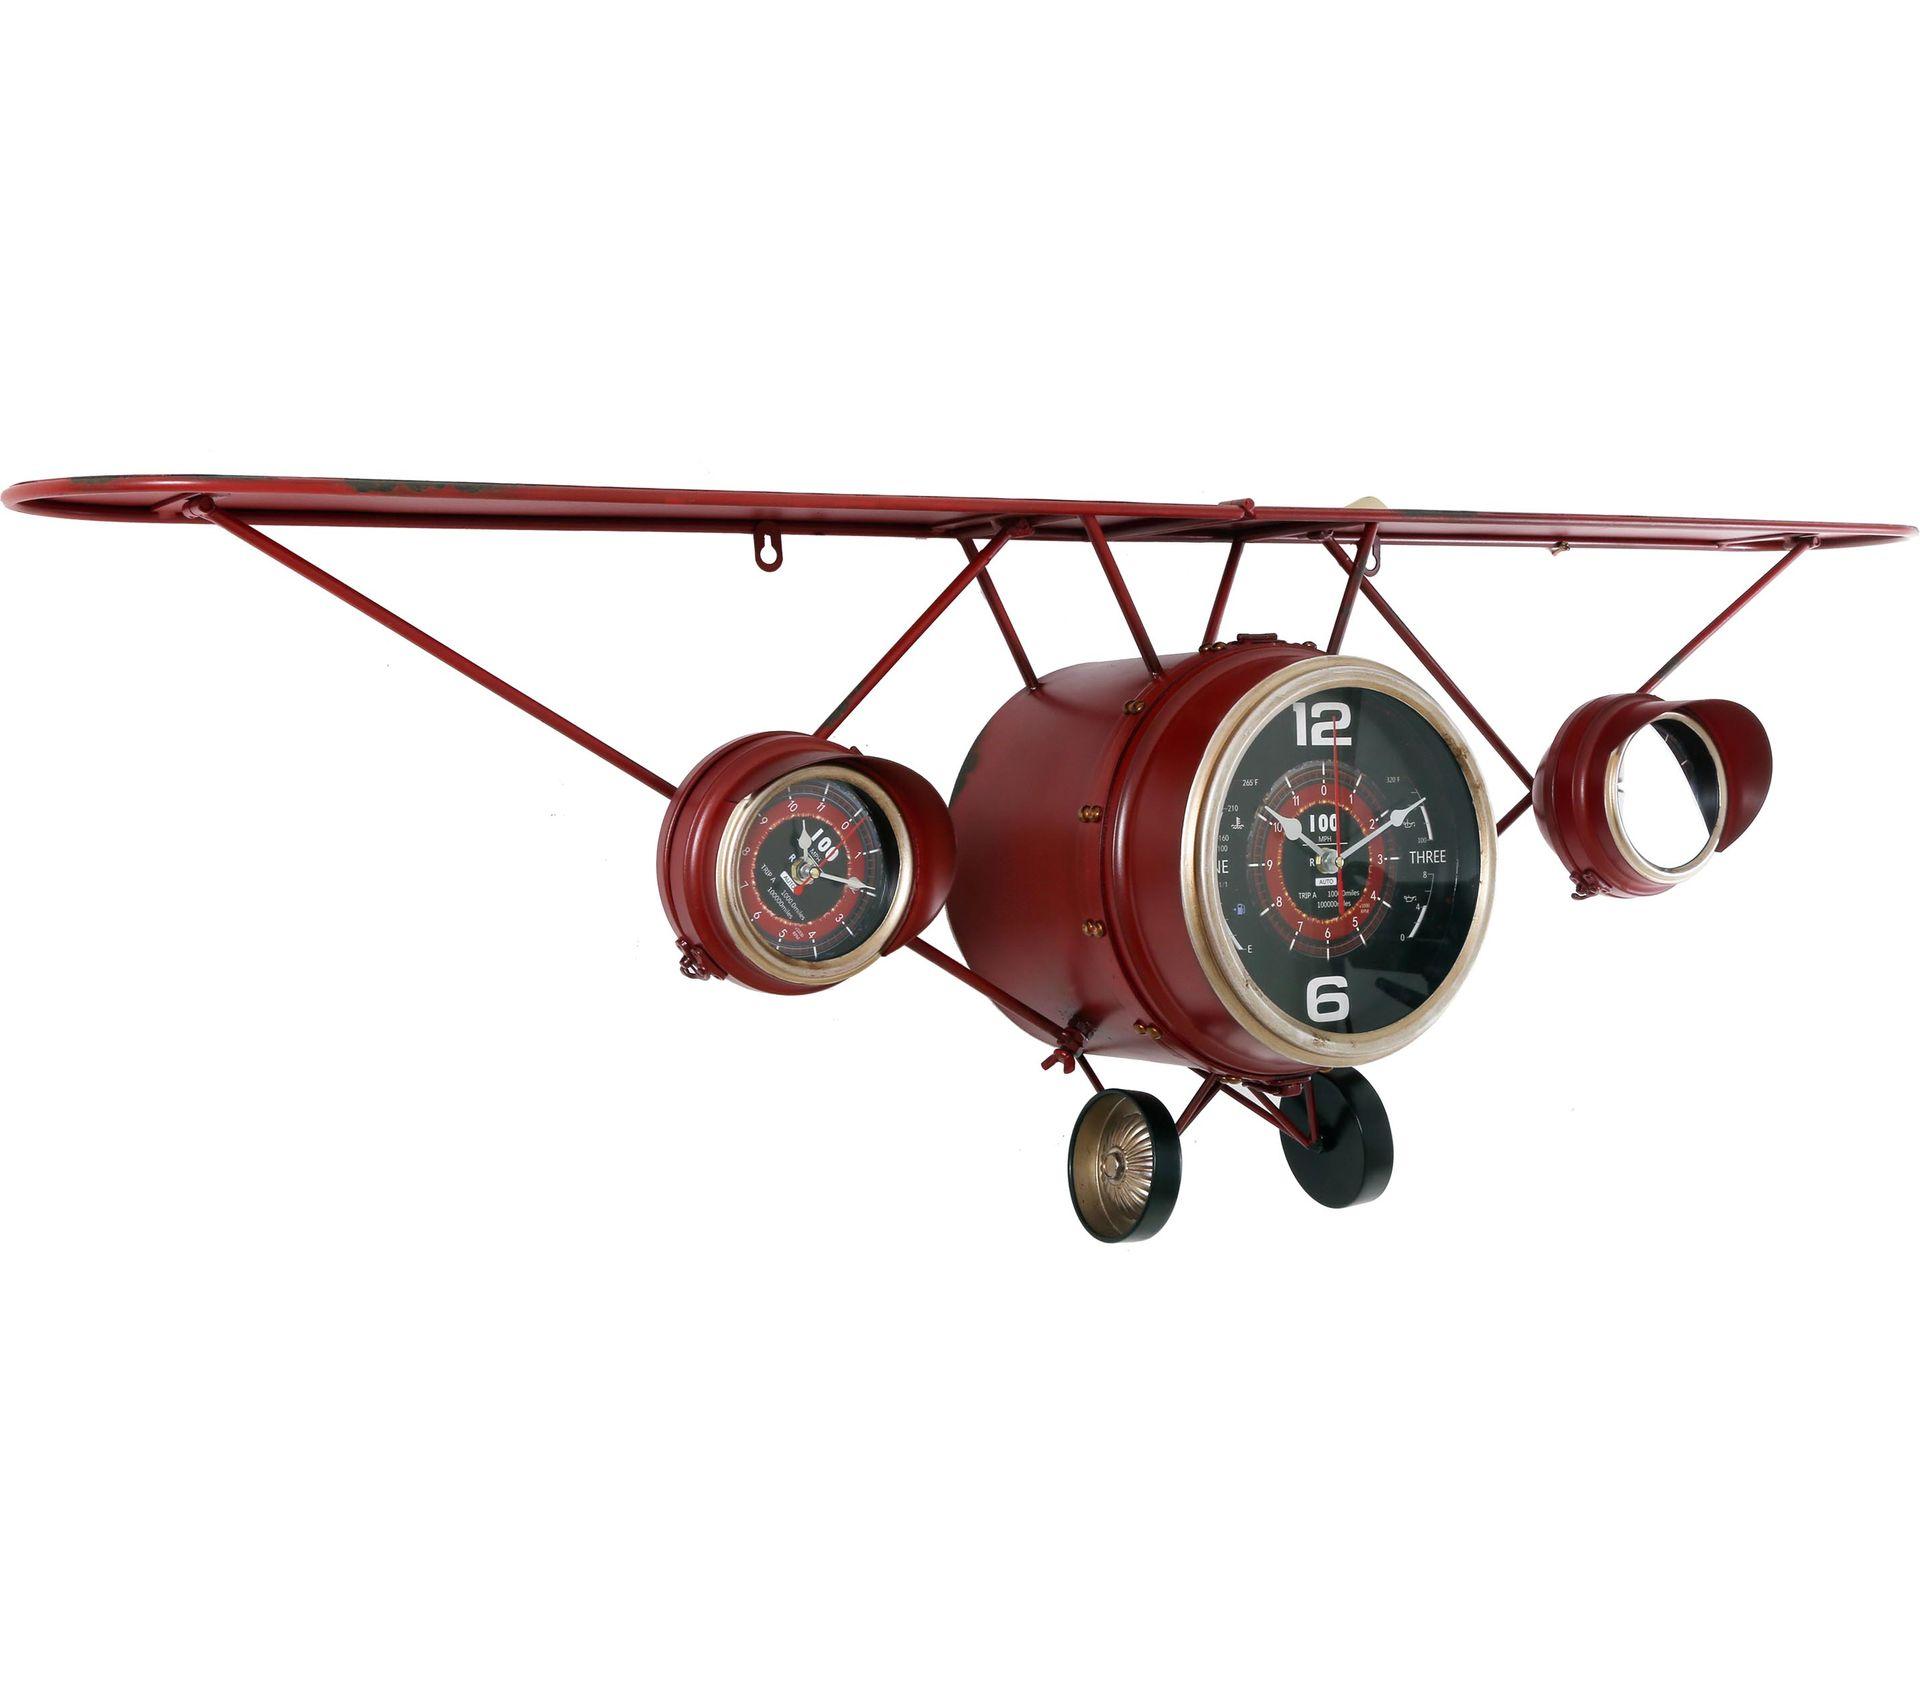 Etagere Avion Chambre Bebe horloge calandre davion Étagère intégrée